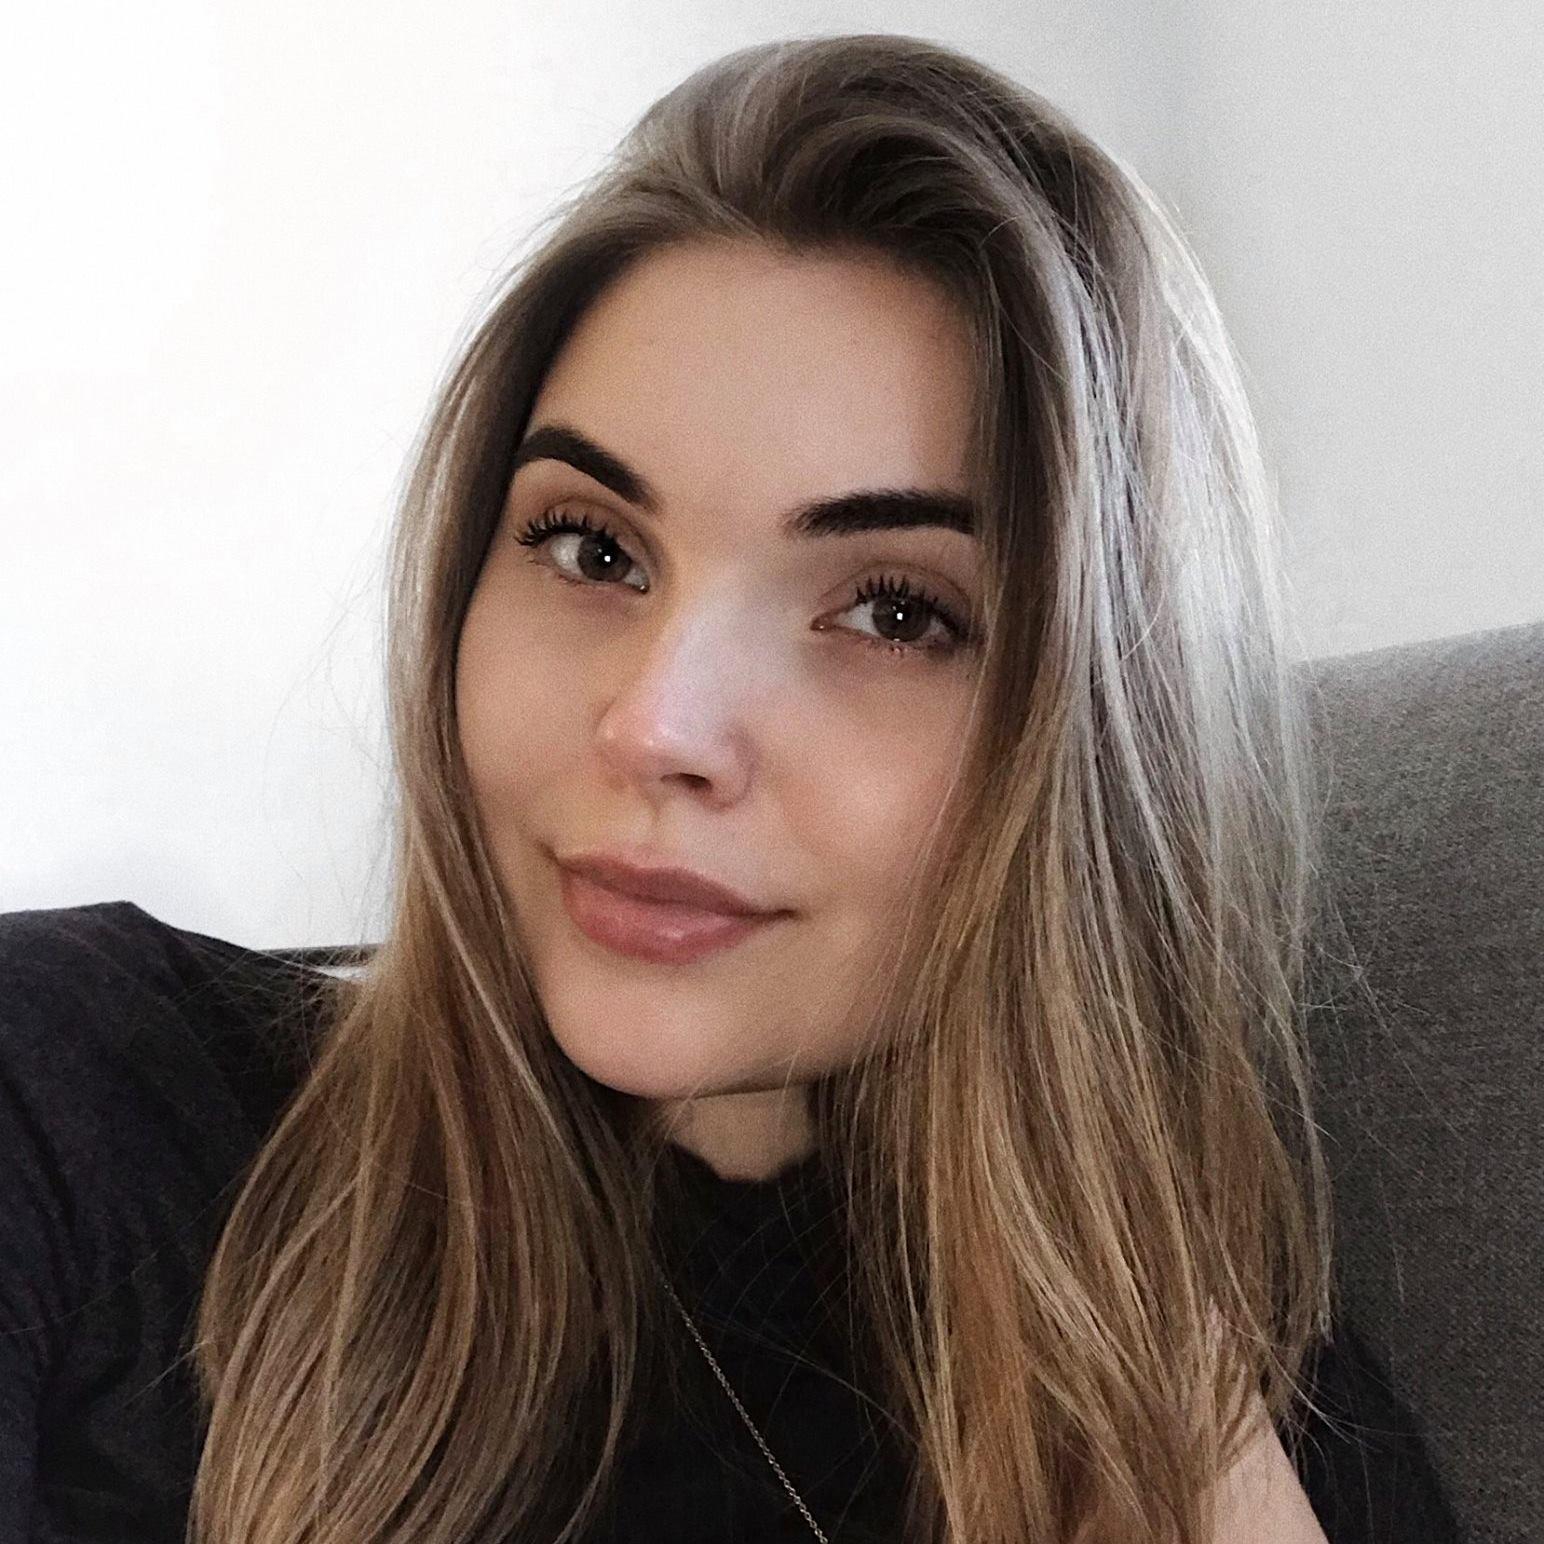 Mia Fabricius